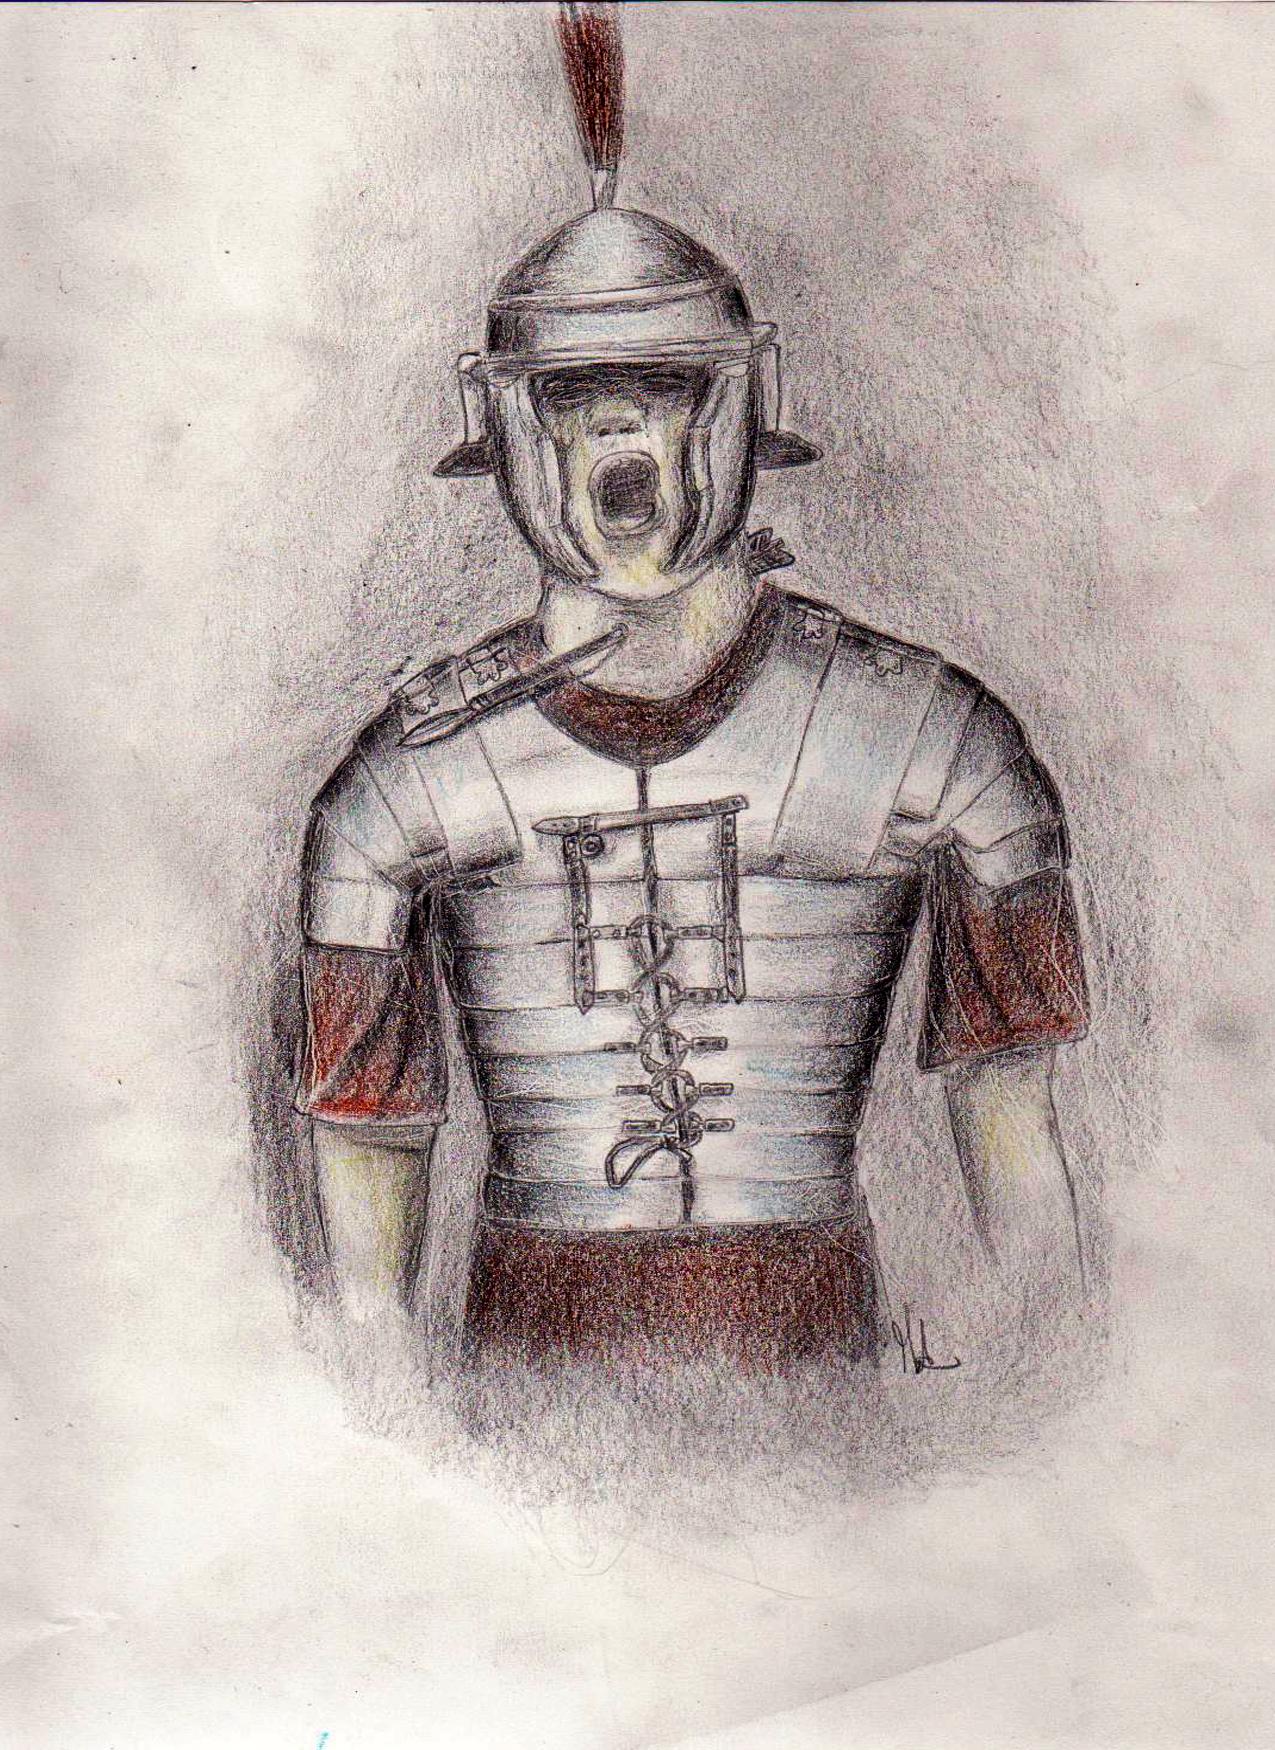 Drawn warrior roman warrior Warrior ozio89 Drawing Feb ©